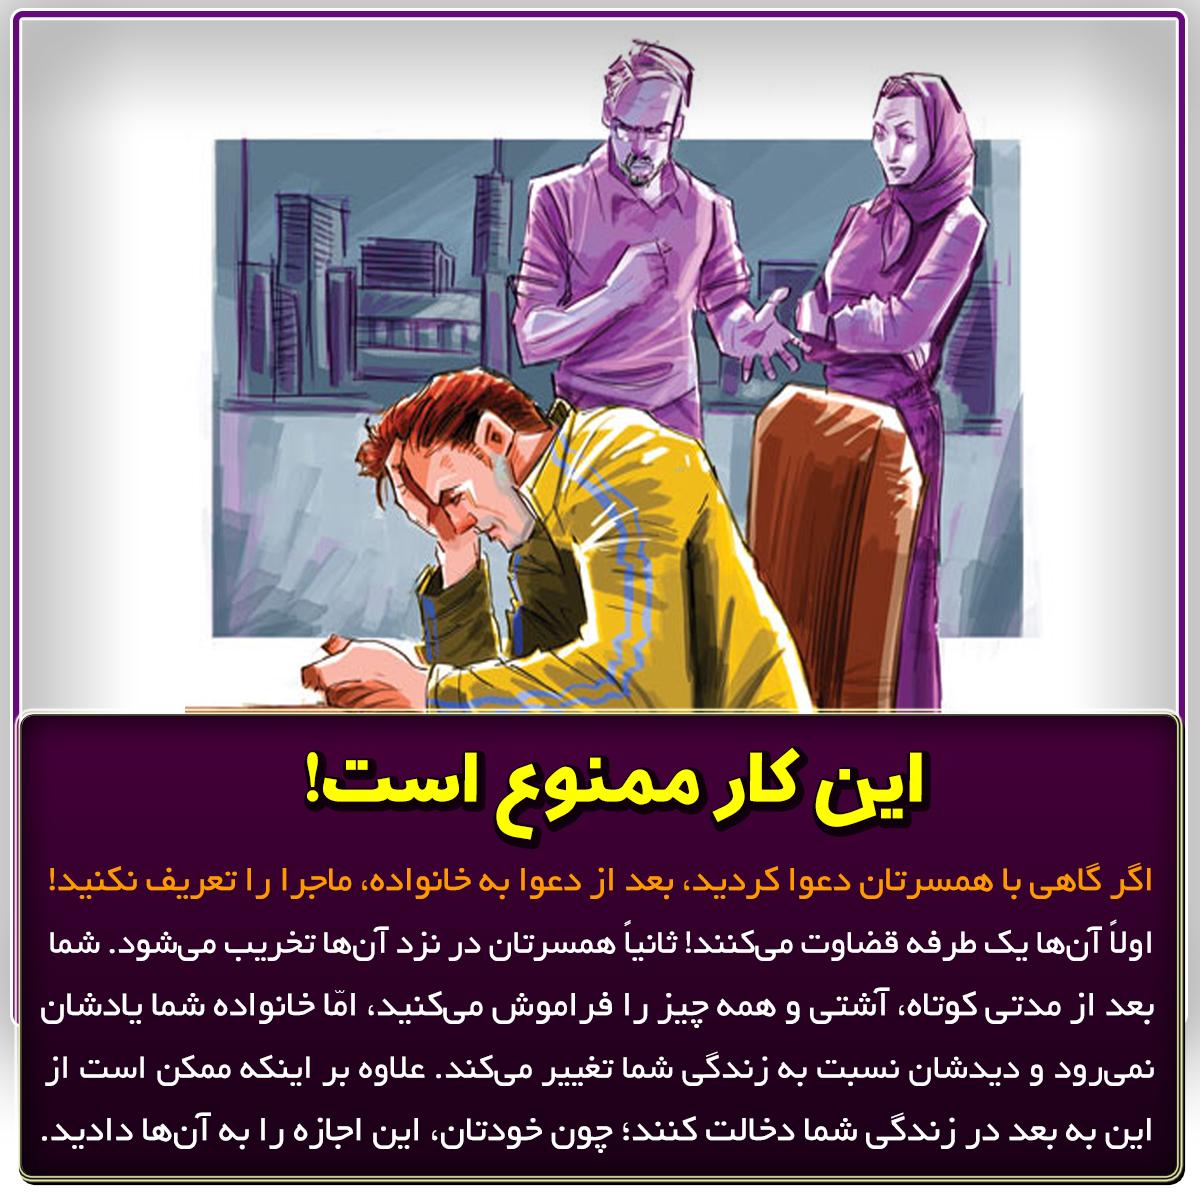 دخالت خانواده,دخالت خانواده همسر,خانواده همسر,رابطه با خانواده همسر